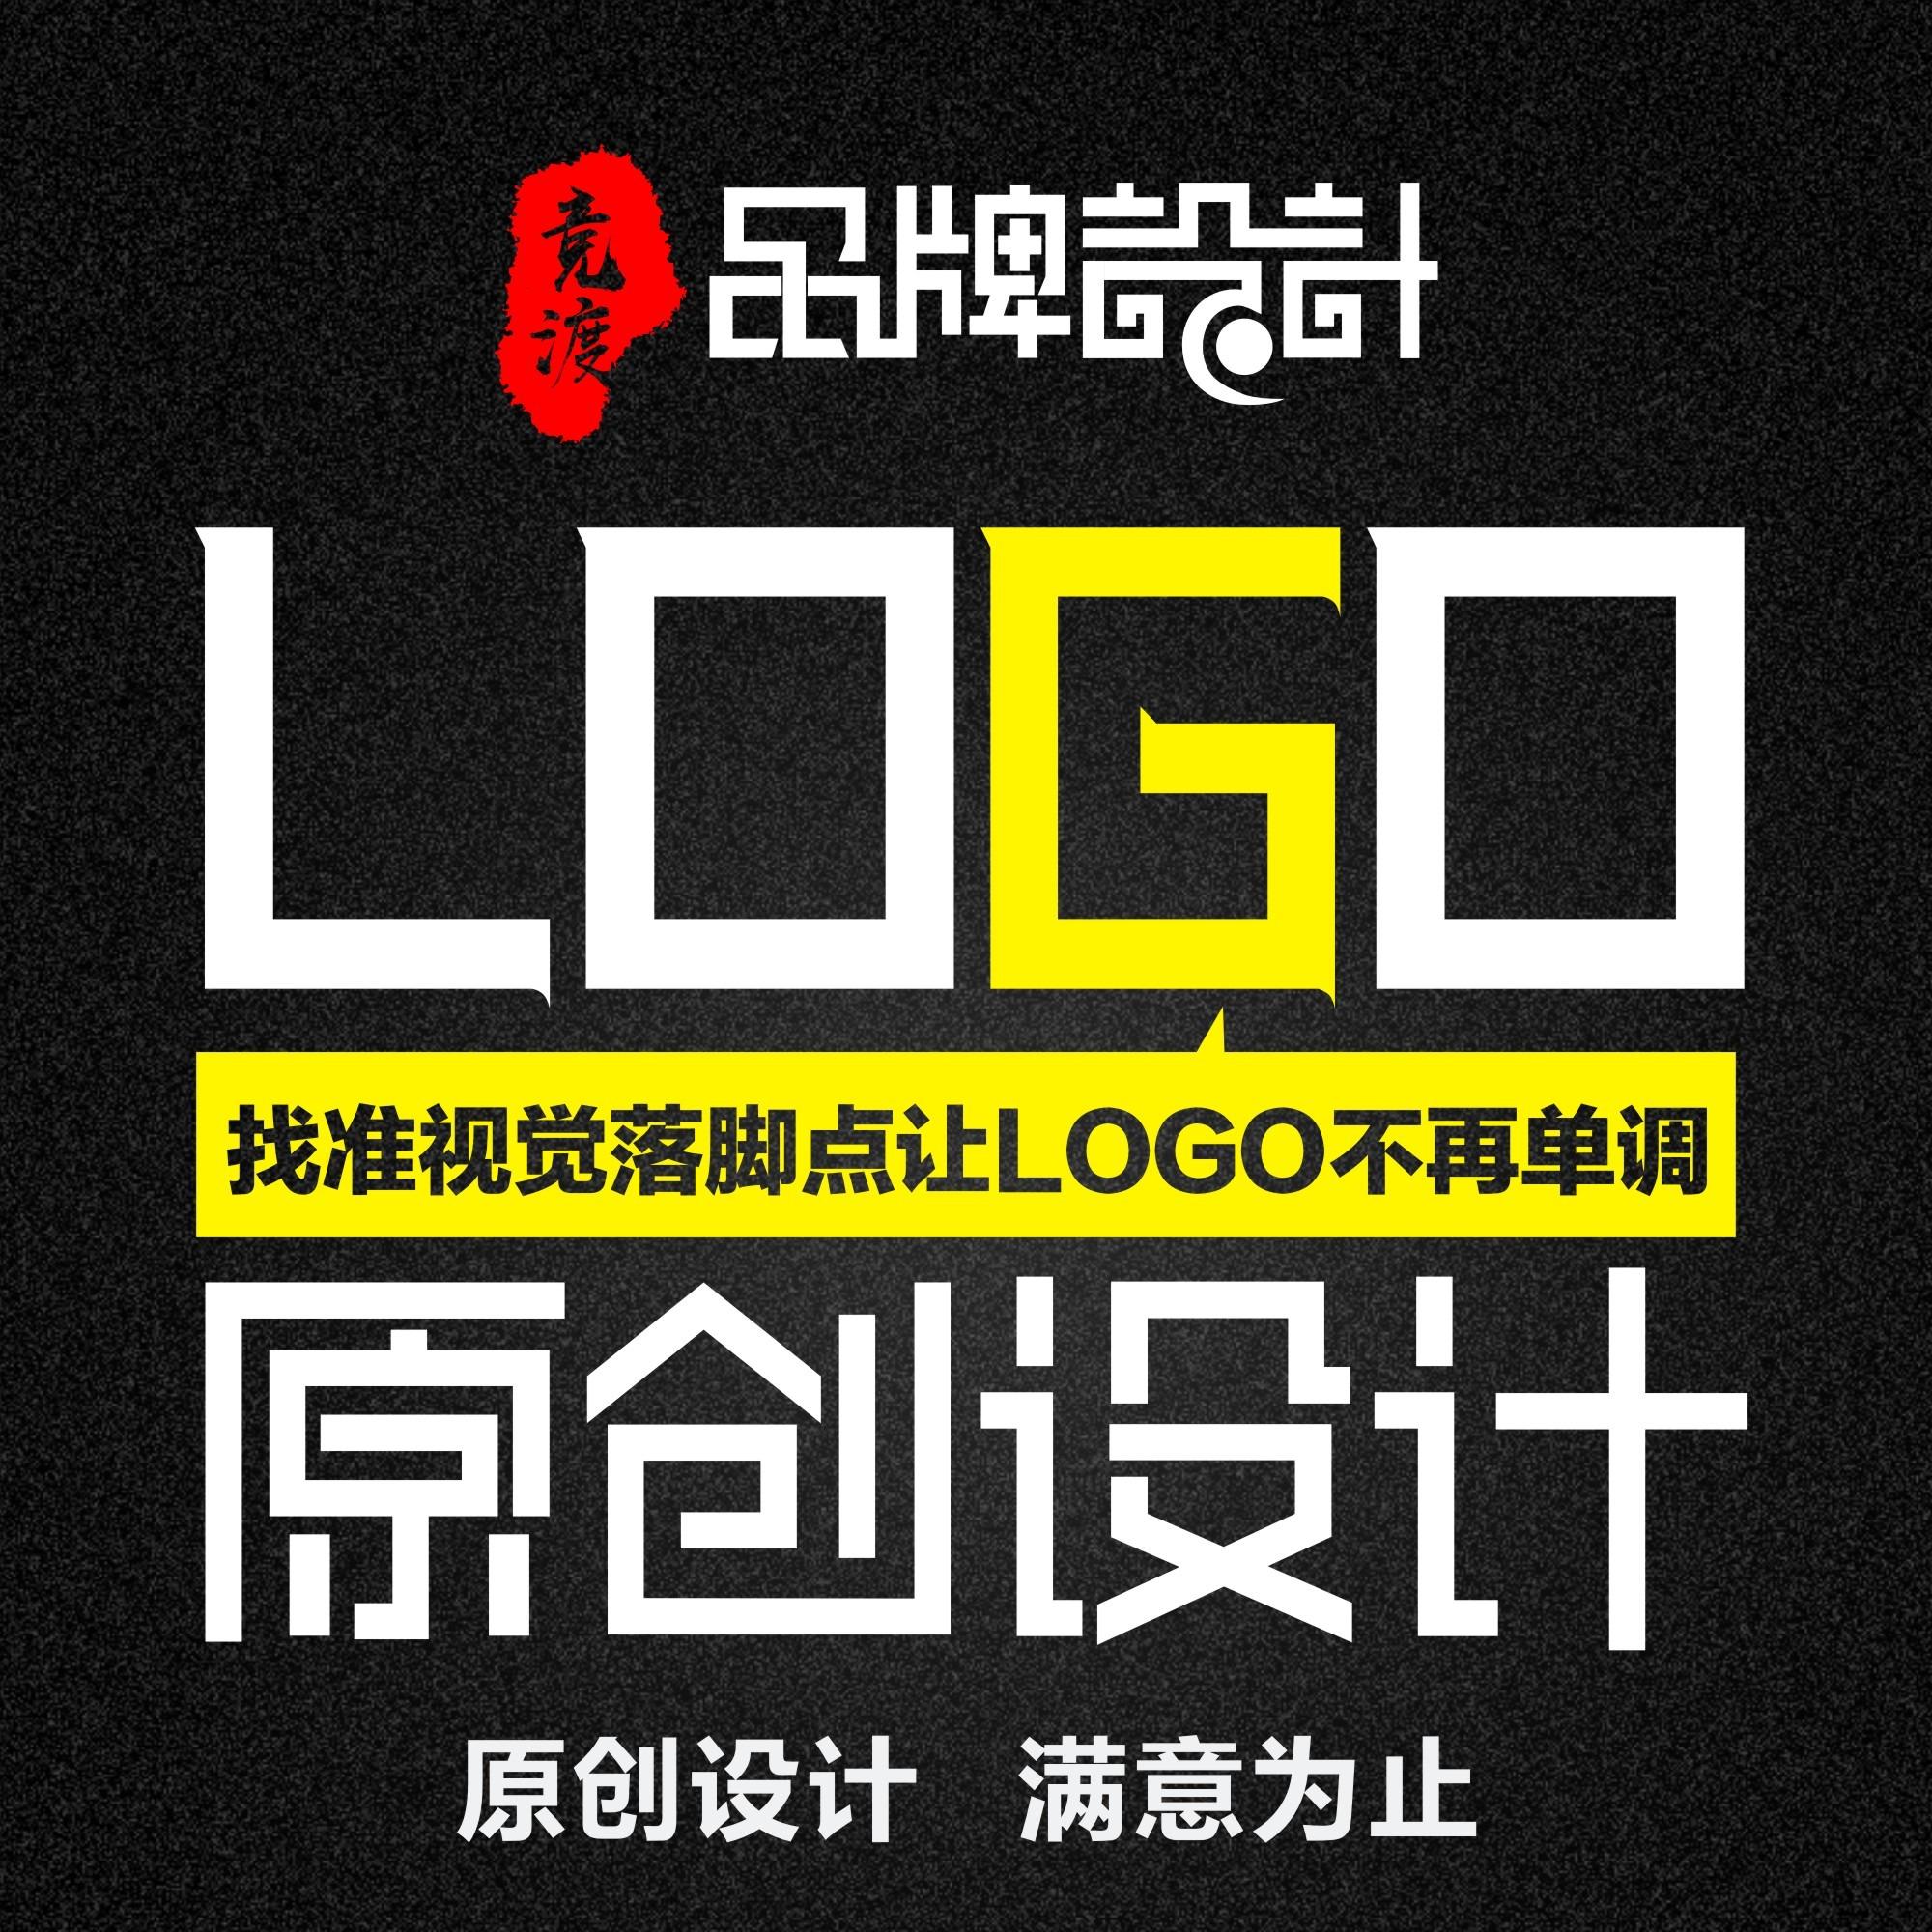 【组长款】LOGO设计企业LOGO商标设计标志设计品牌设计